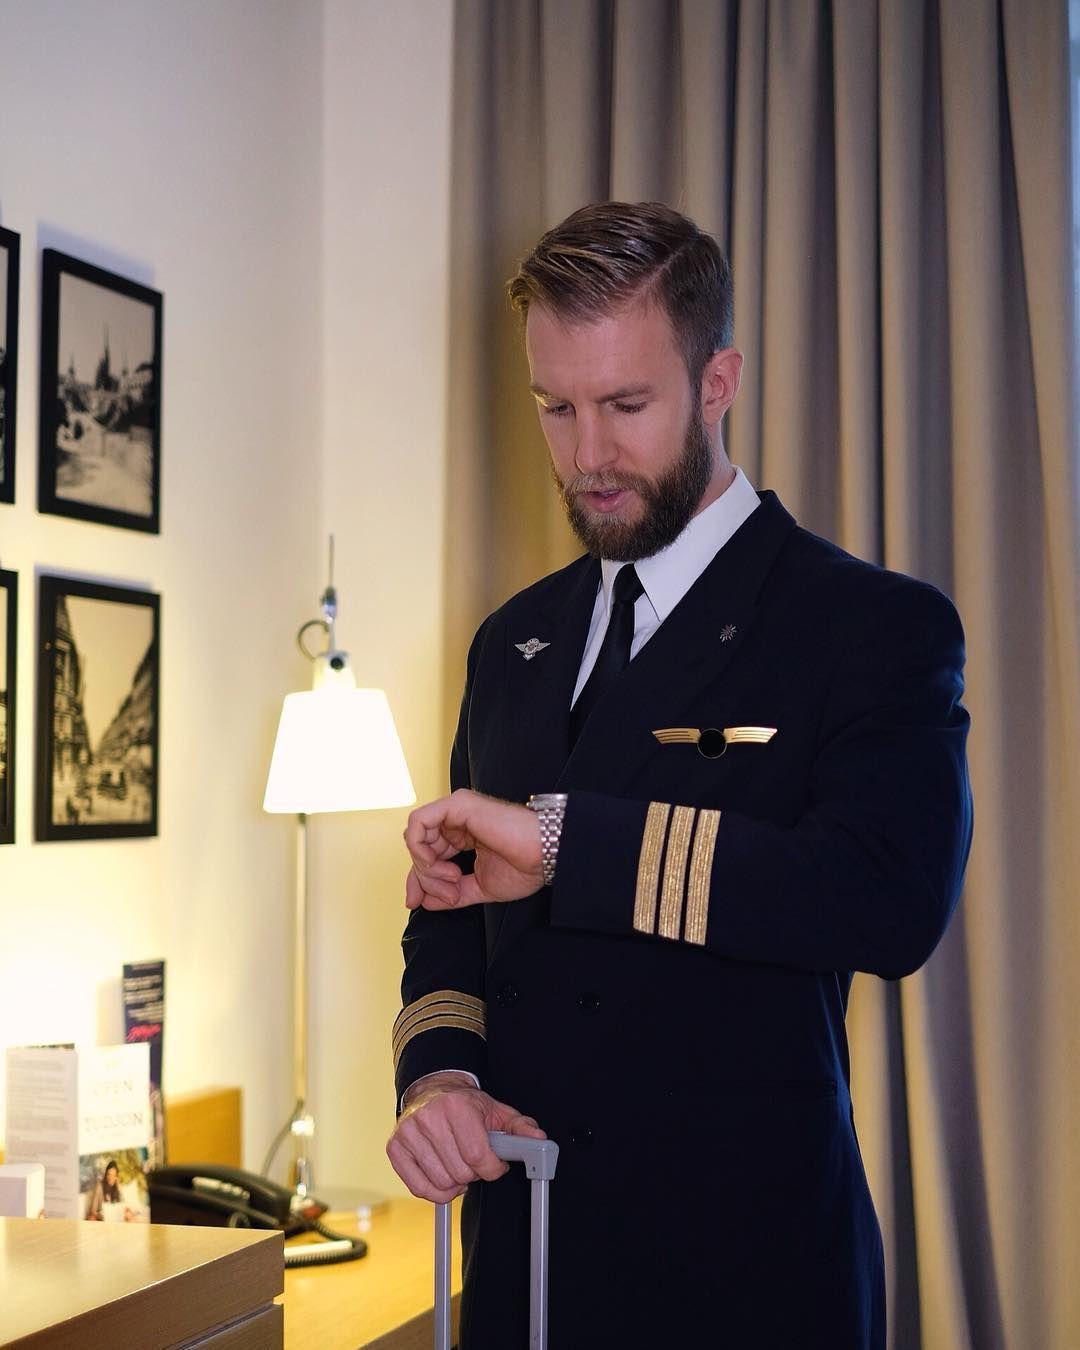 Pilot jonas pilotquotes pilot uniform men men in